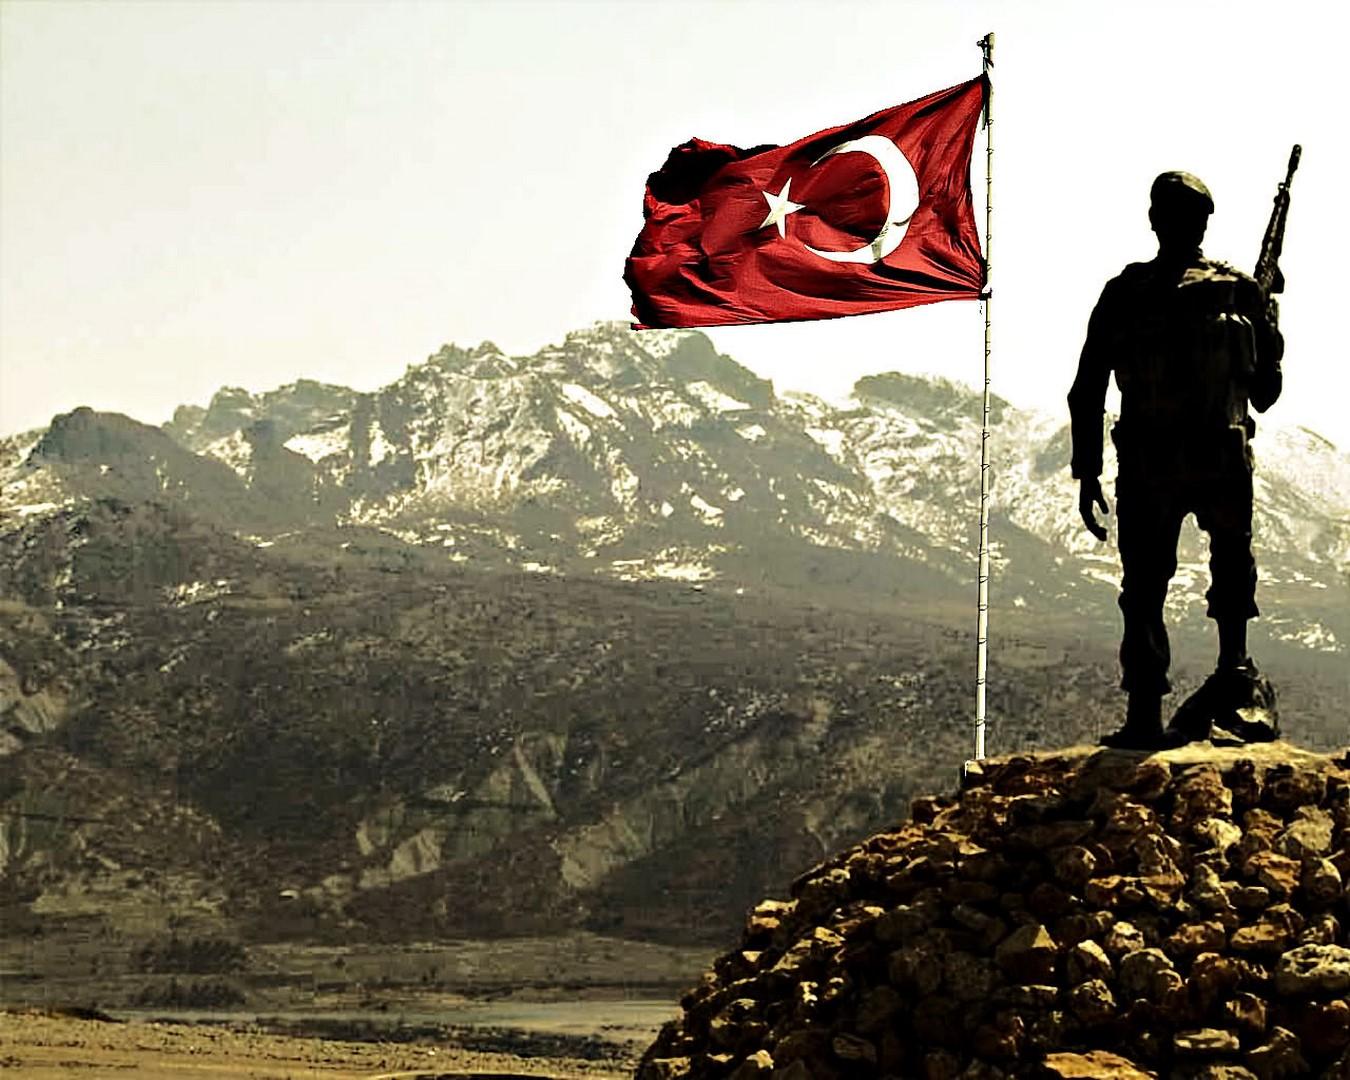 image turkbayraklari.jpg (0.3MB)